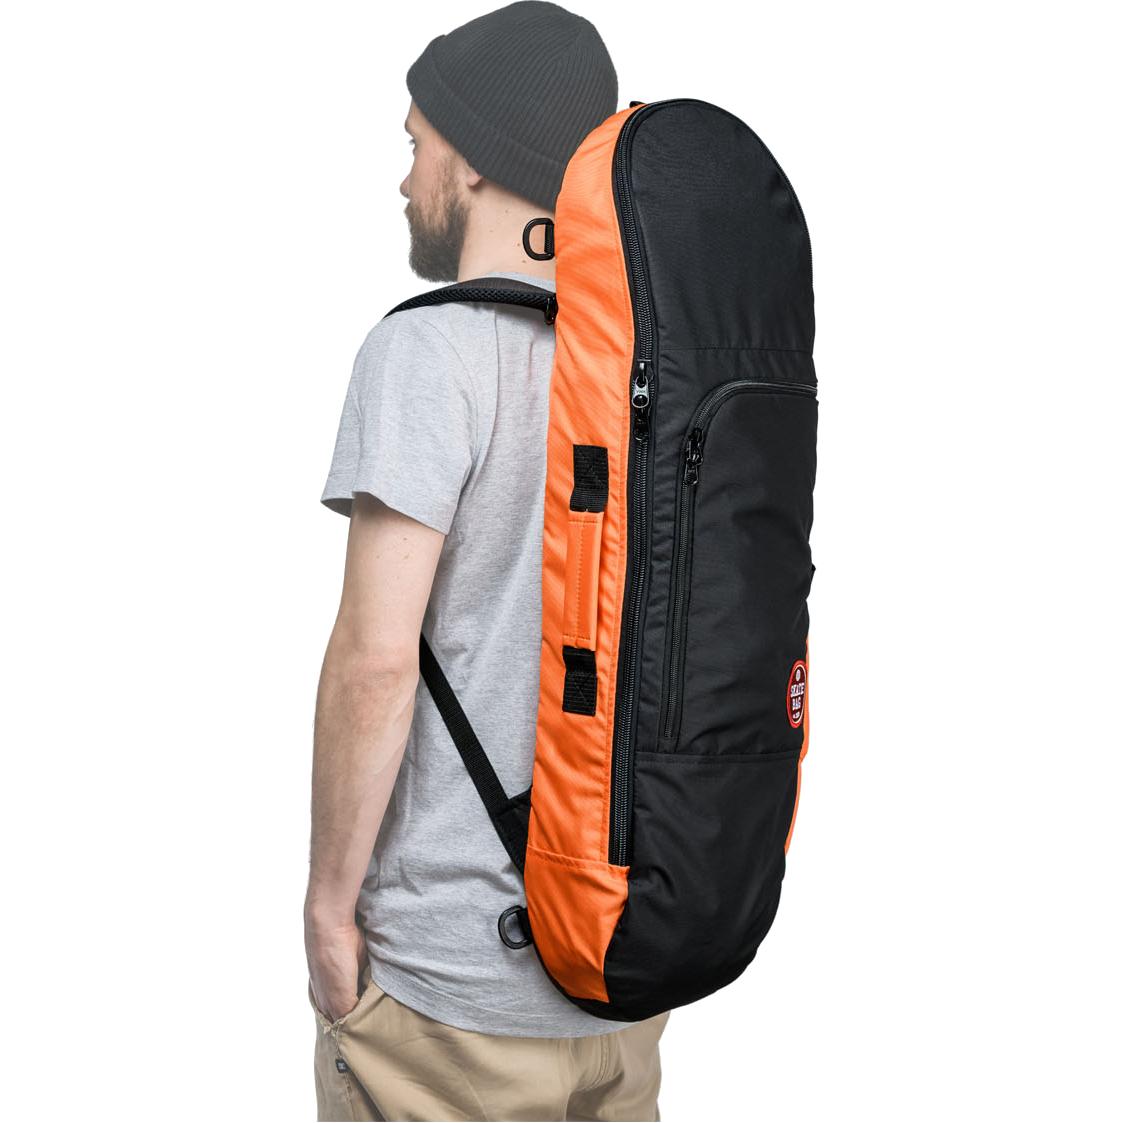 Чехол для скейтборда SKATE BAG Trip (Orange/Black)